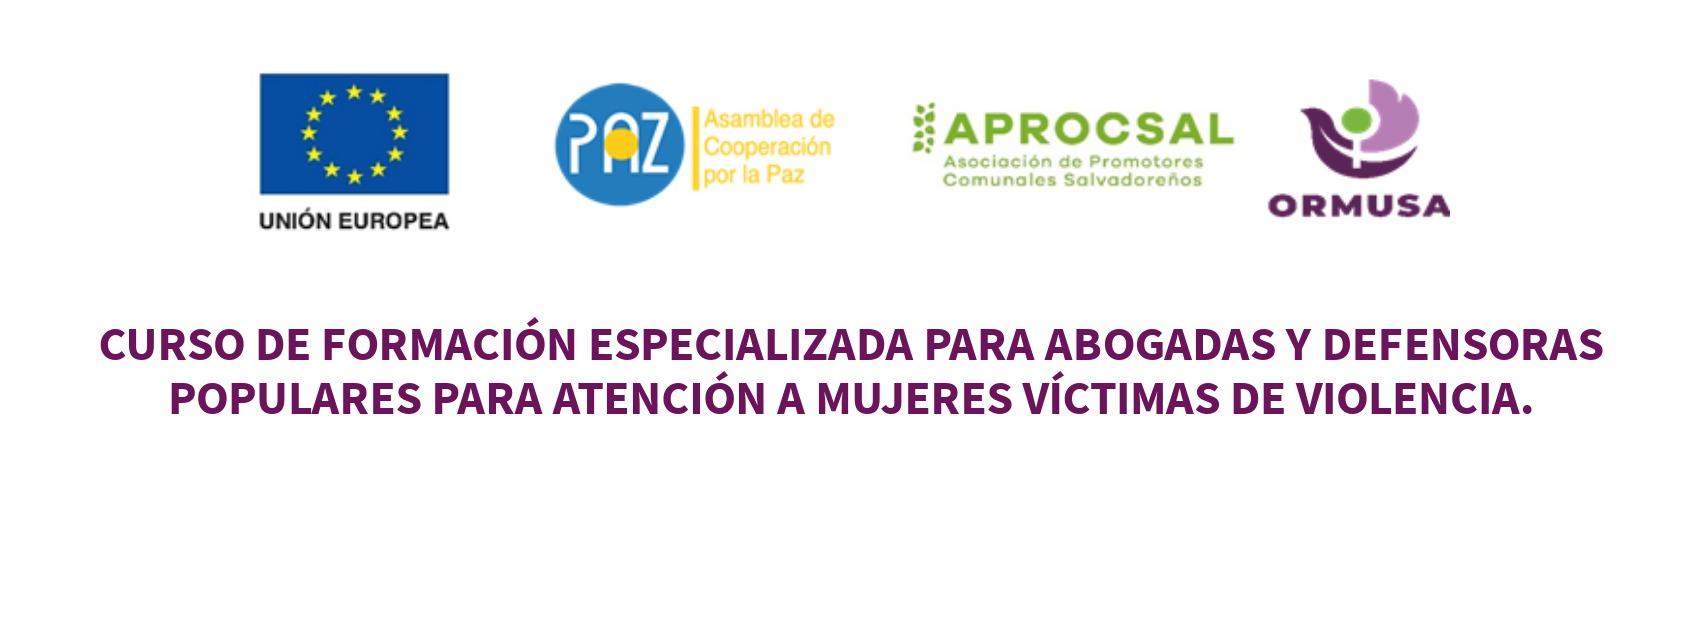 Curso de formación especializada para mujeres abogadas y defensoras populares para atención a mujeres víctimas de violencia